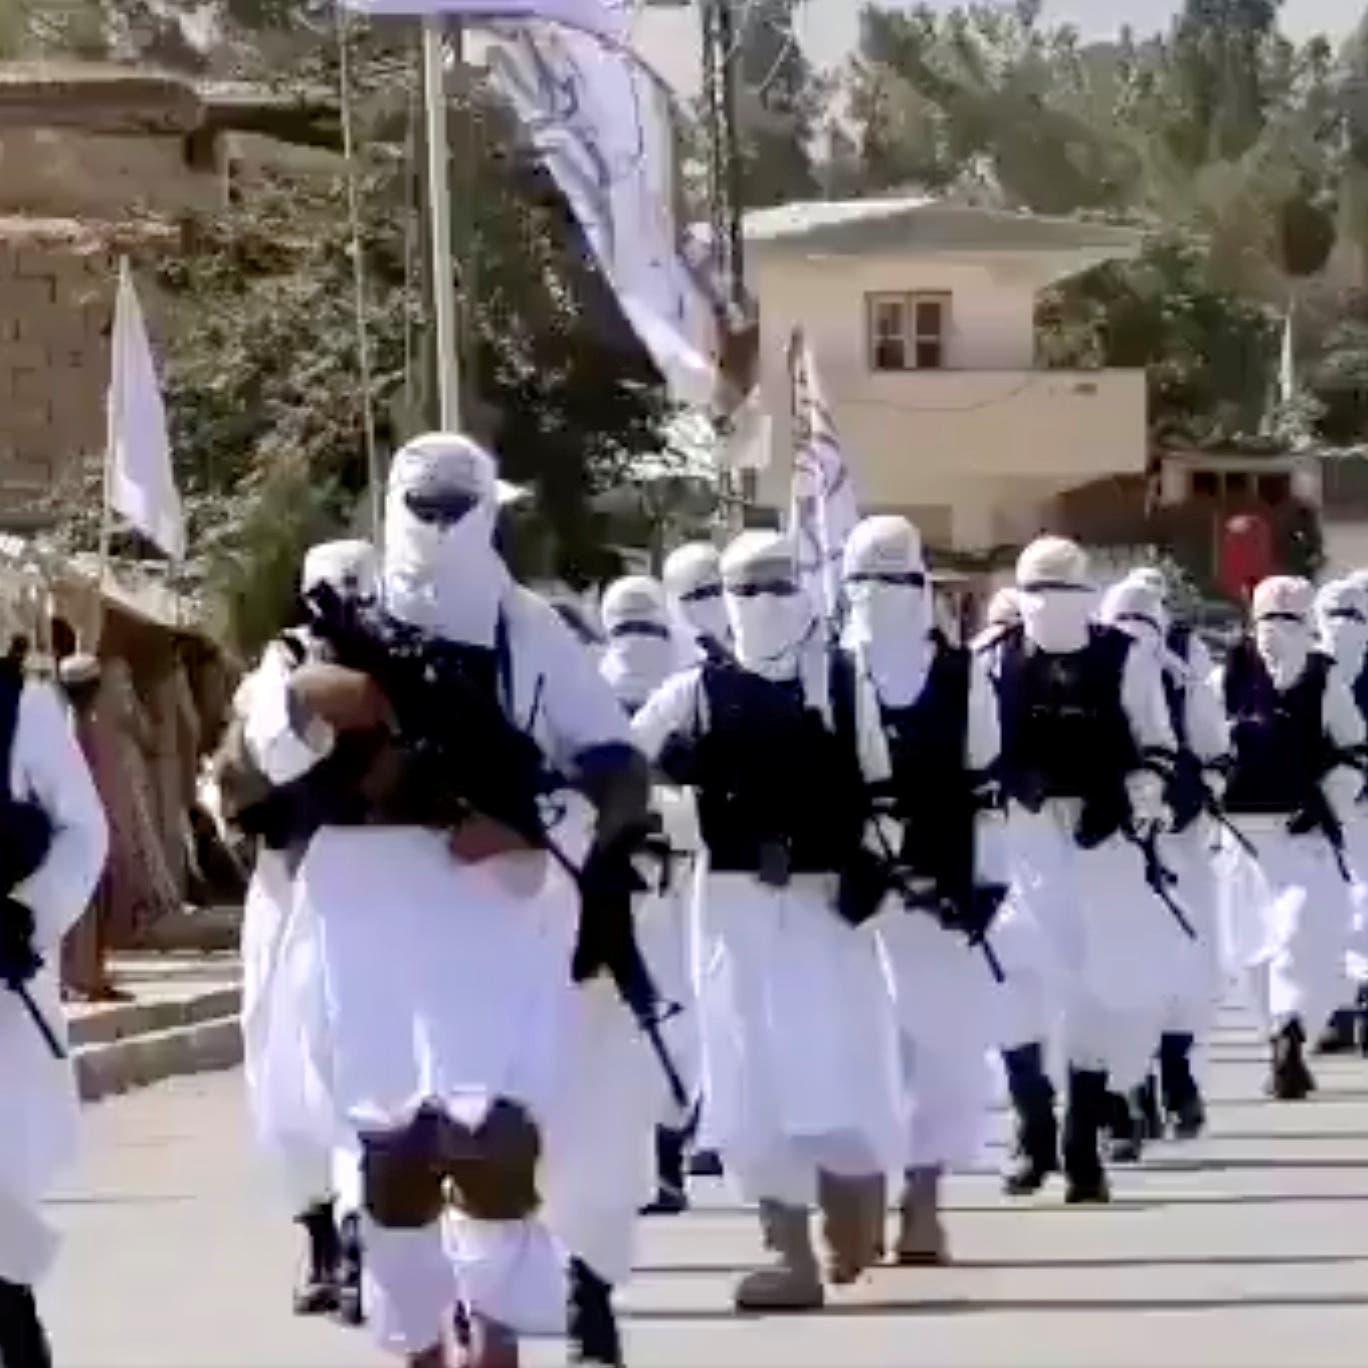 هكذا تدير القاعدة وطالبان المشهد الأفغاني بشكل كامل